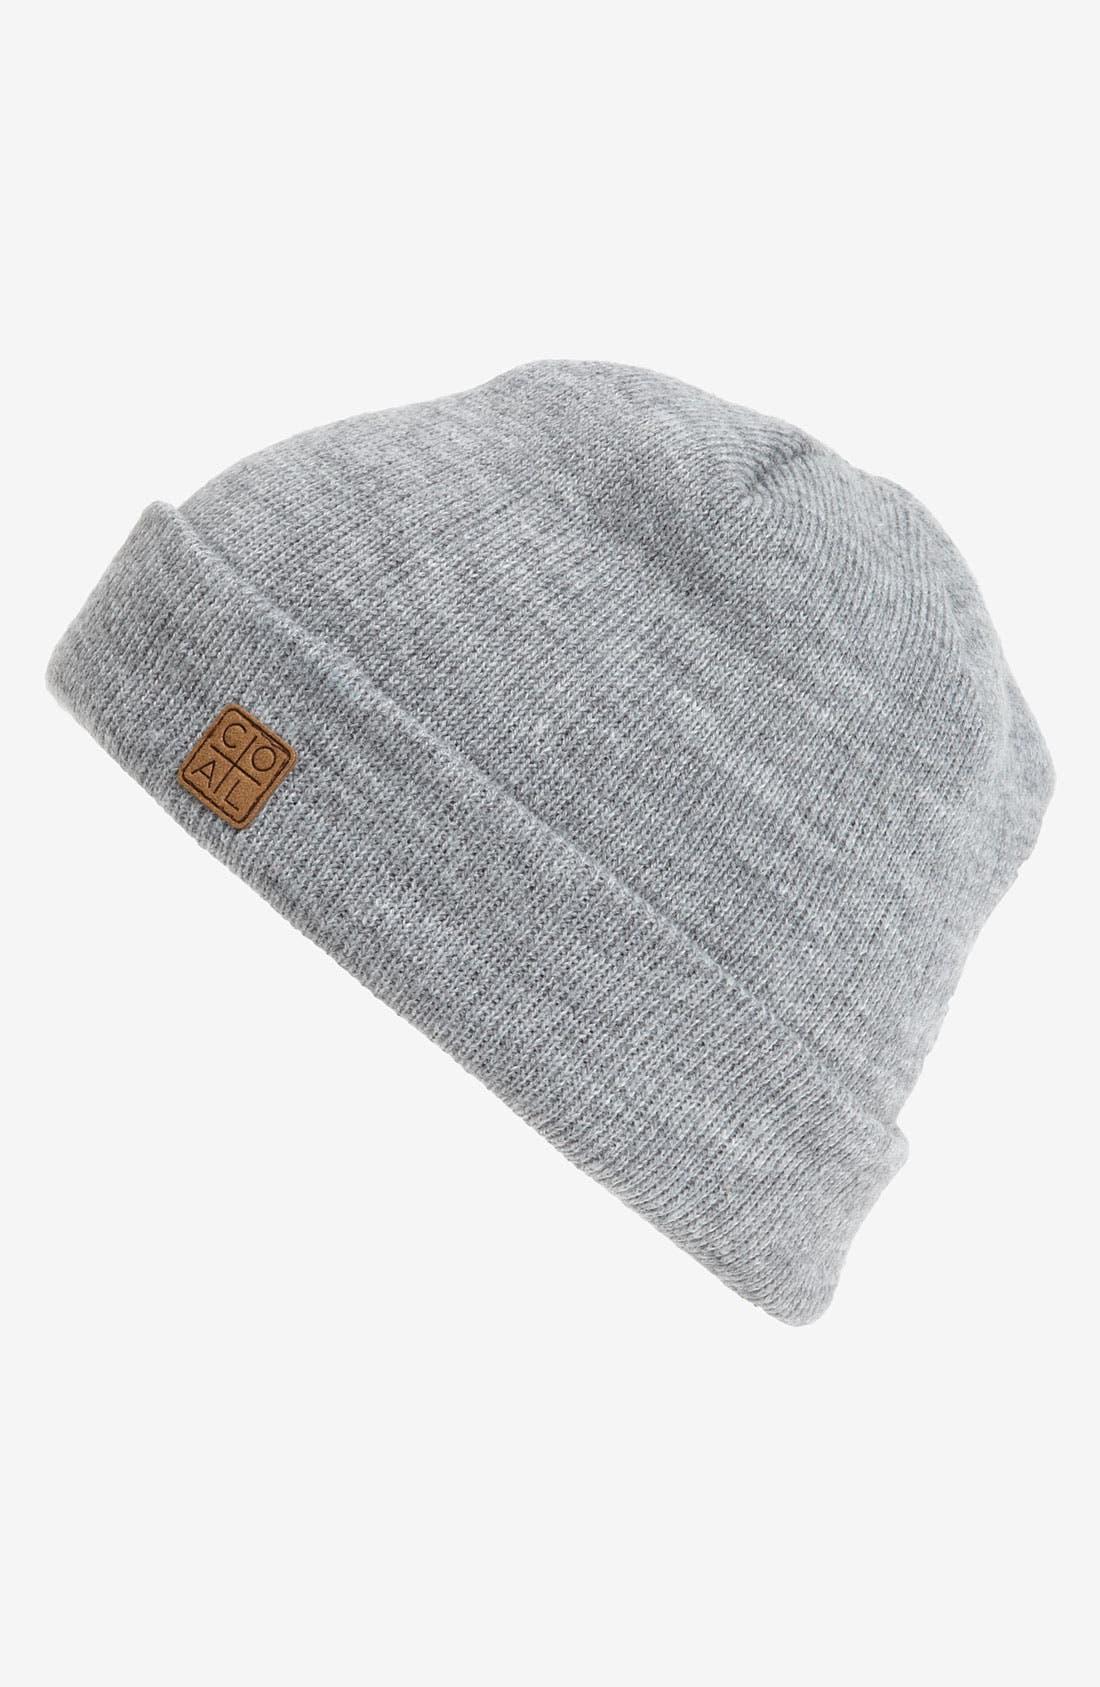 Alternate Image 1 Selected - Coal 'Harbor' Knit Cap